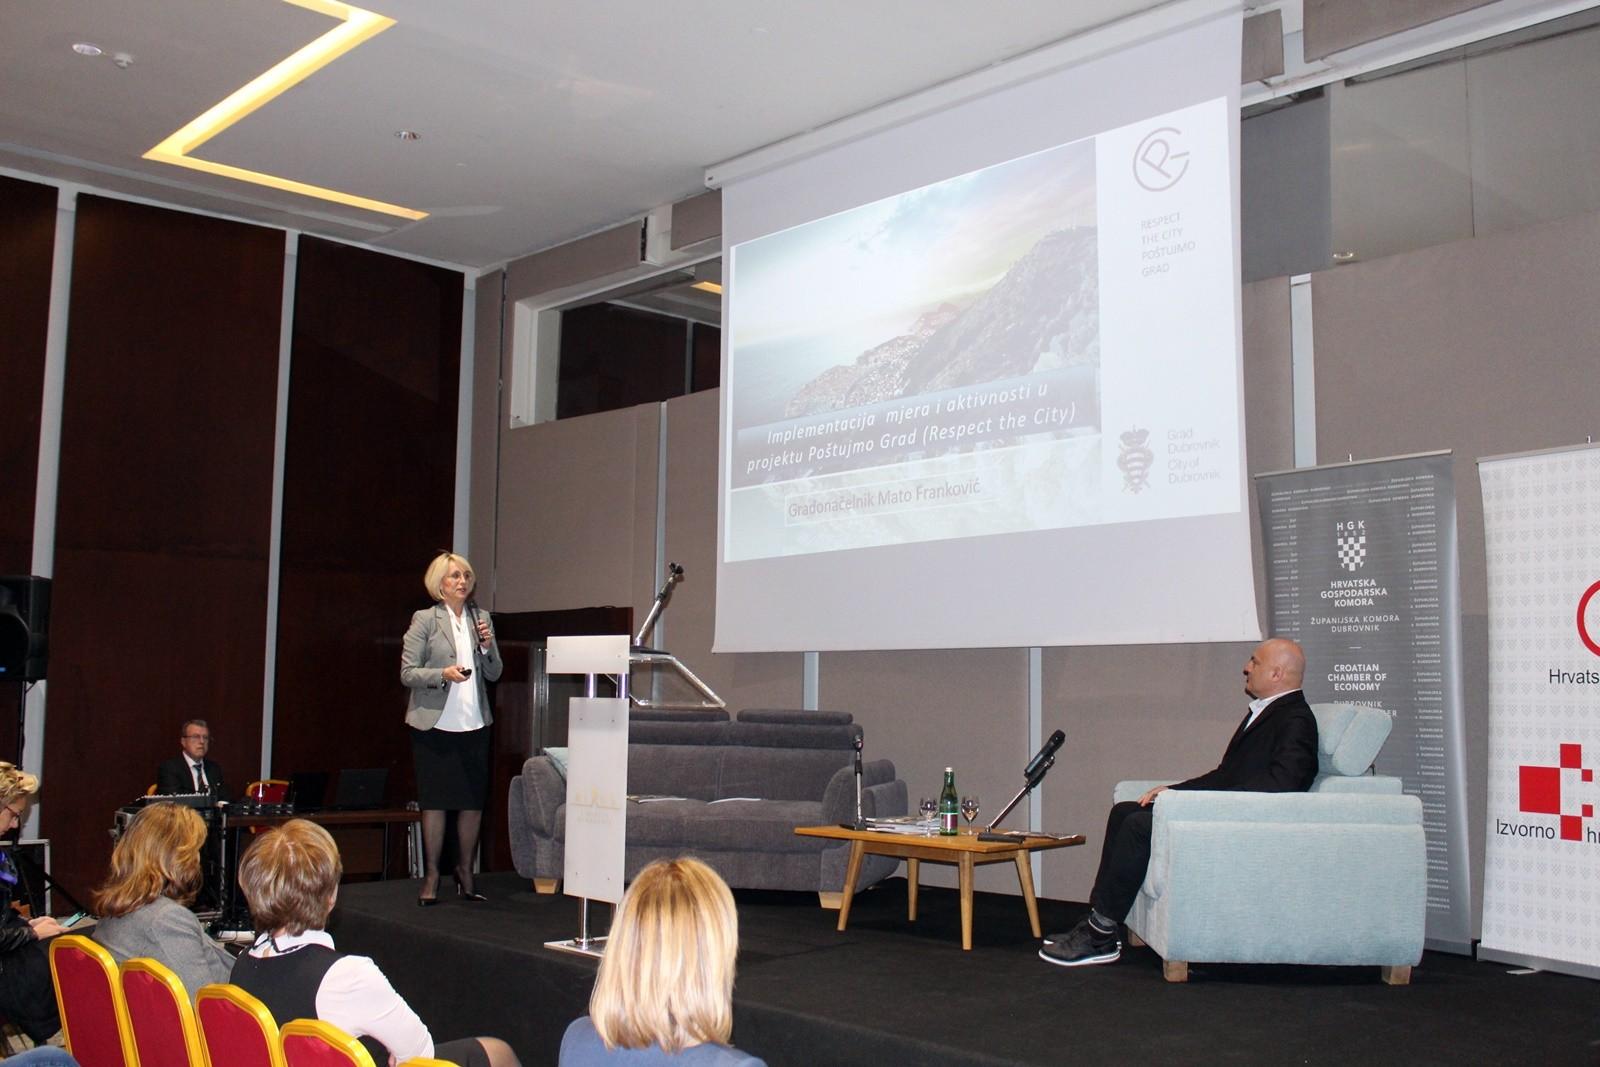 Zamjenica Tepšić prezentirala projekt Poštujmo Grad na 6. Forumu obiteljskog smještaja